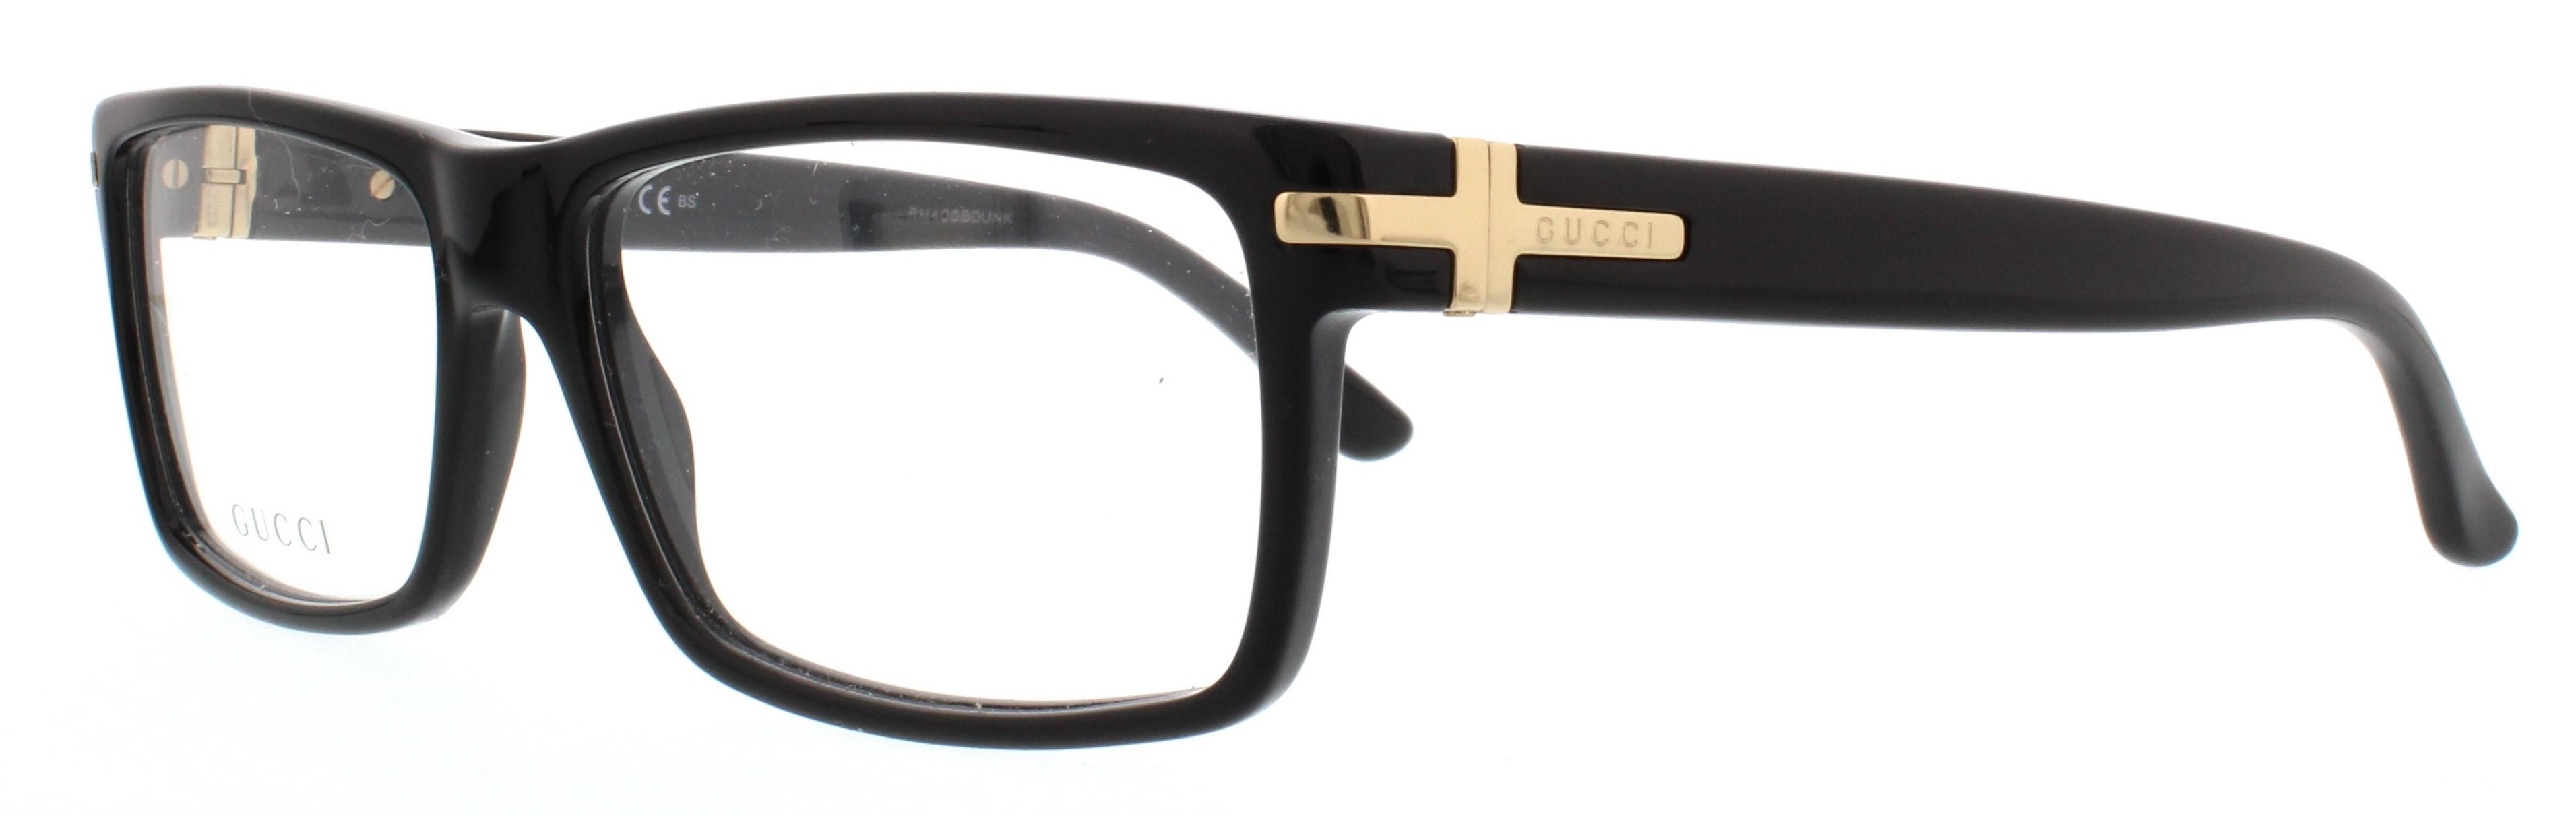 41d68969370 Gucci - Designer Frames Outlet